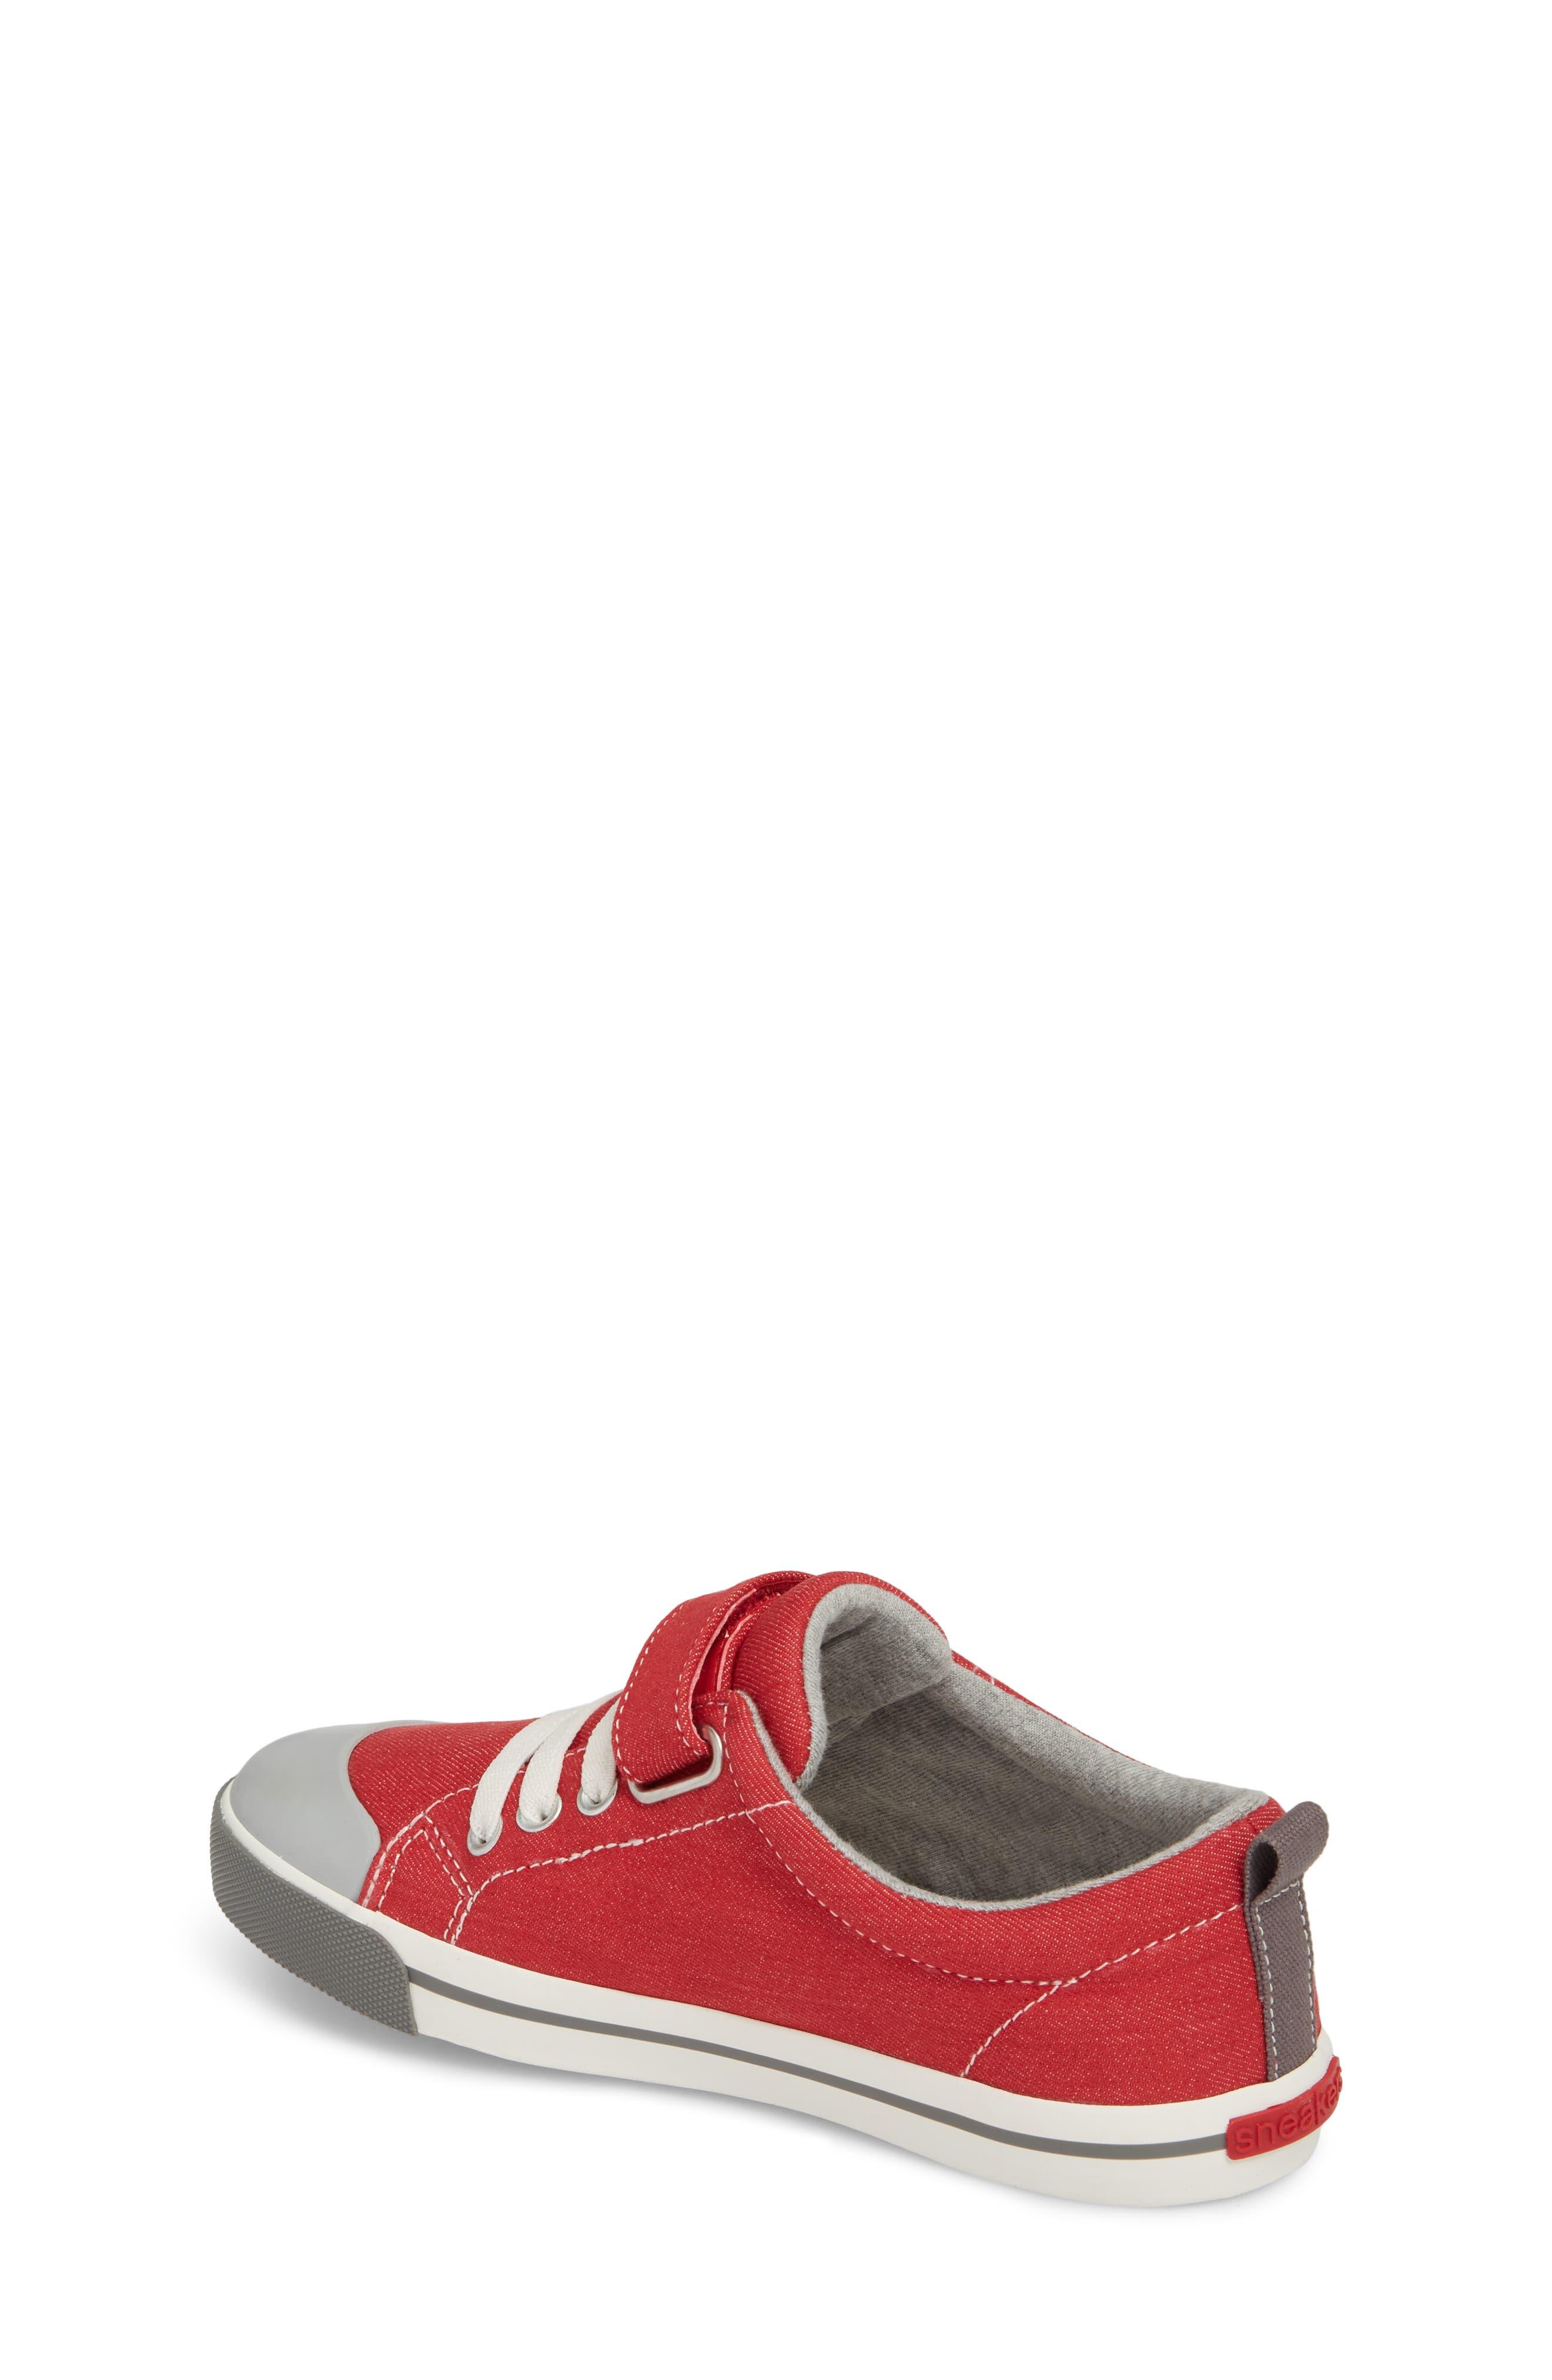 Stevie II Sneaker,                             Alternate thumbnail 2, color,                             Red/ Gray